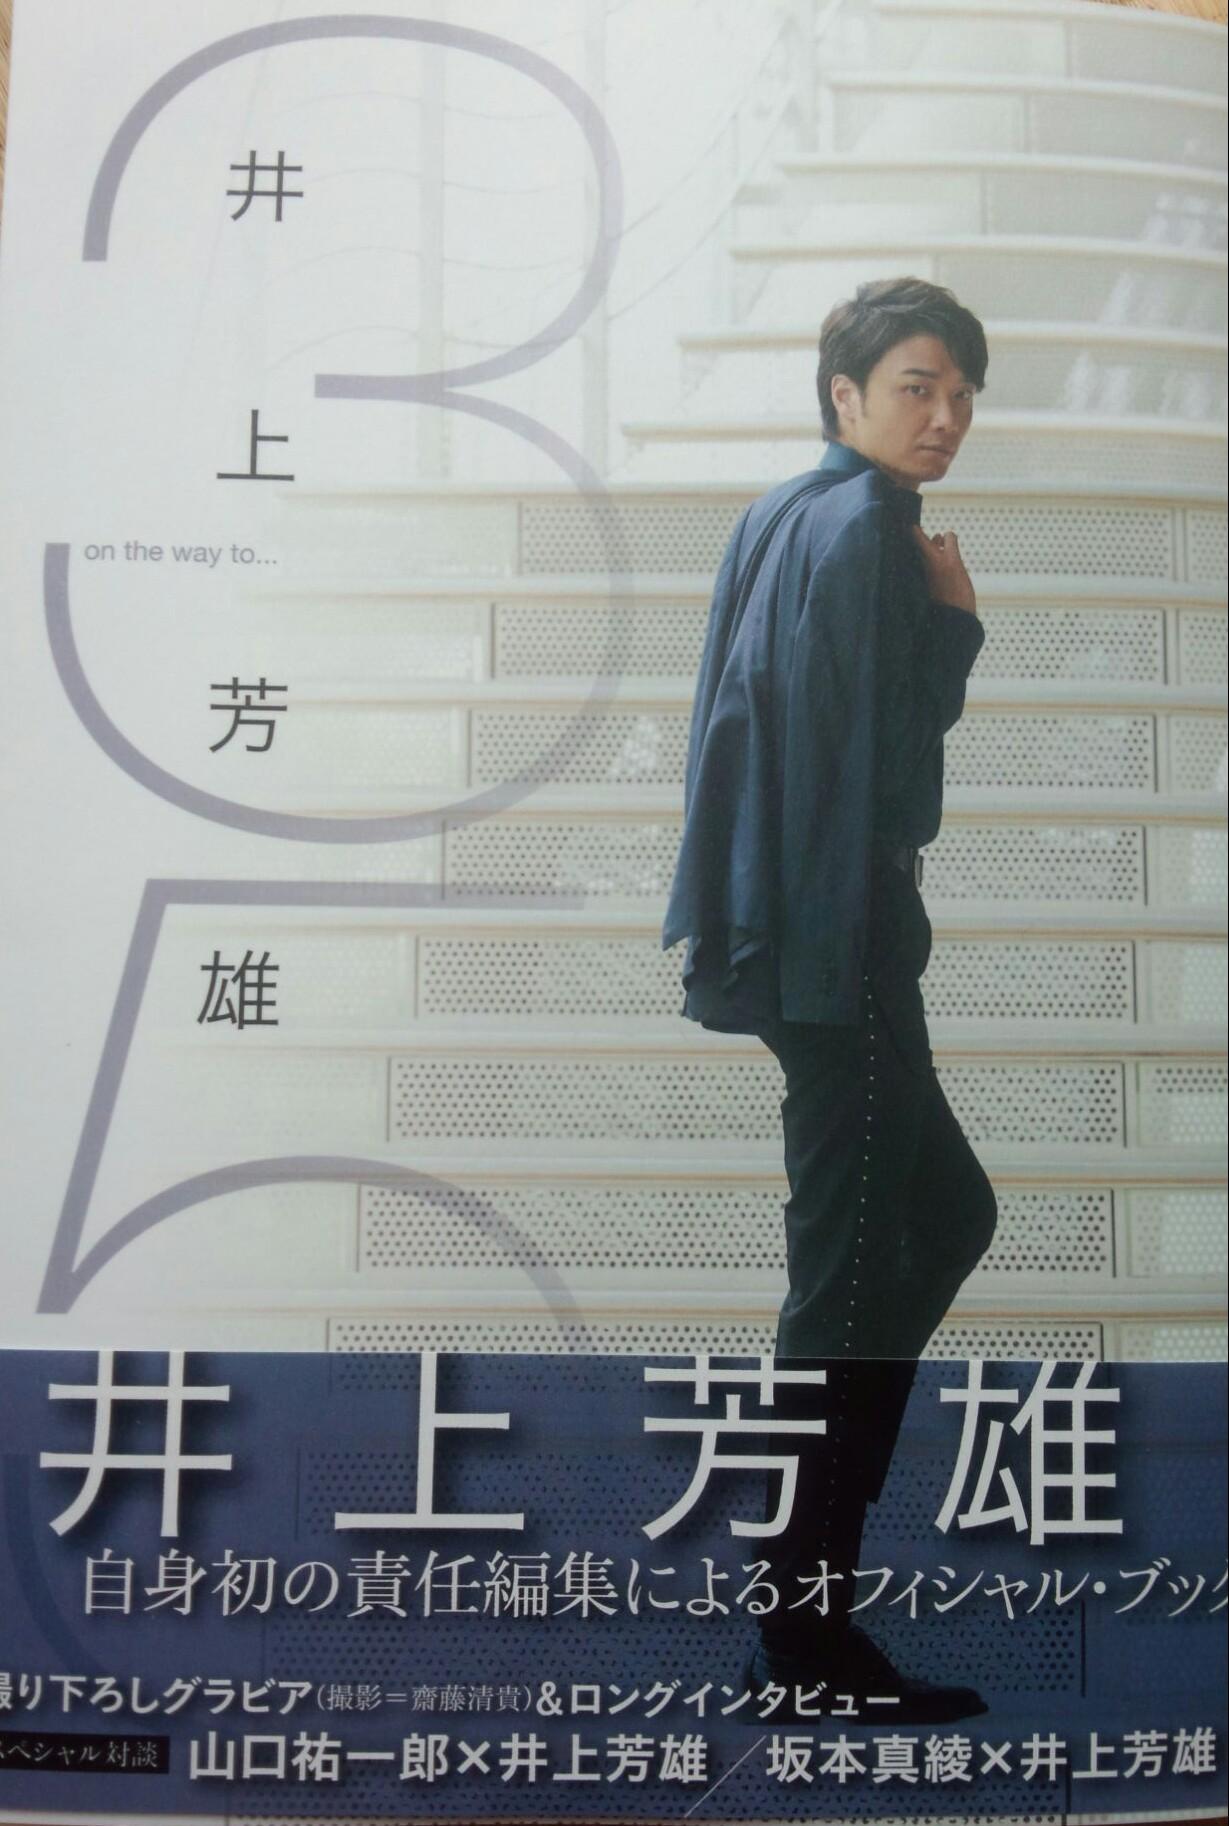 芳雄さんの本